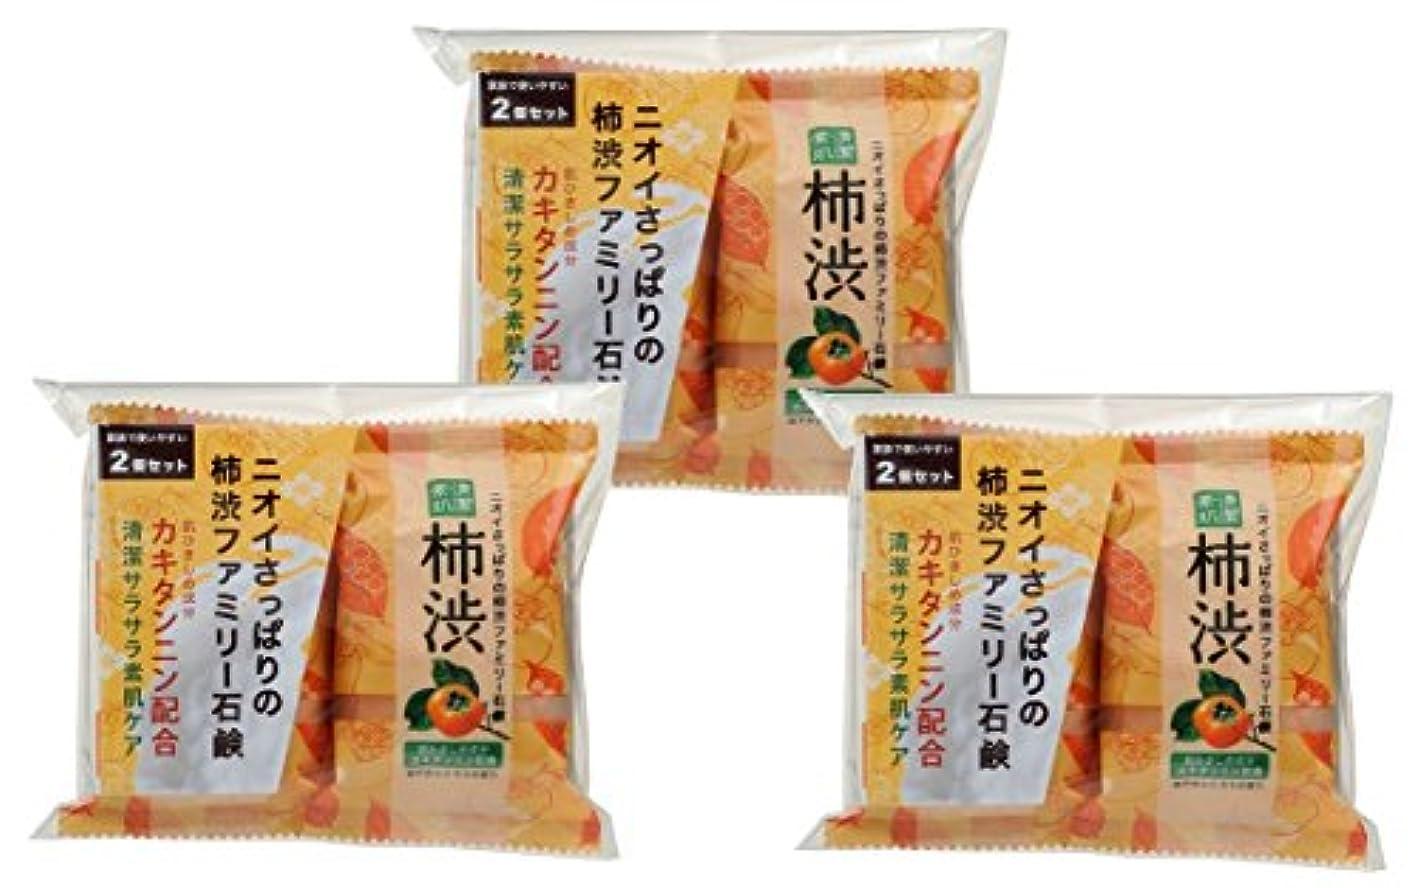 良性メナジェリー欠席ペリカン石鹸 ファミリー 柿渋石けん (80g×2個) ×3個パック